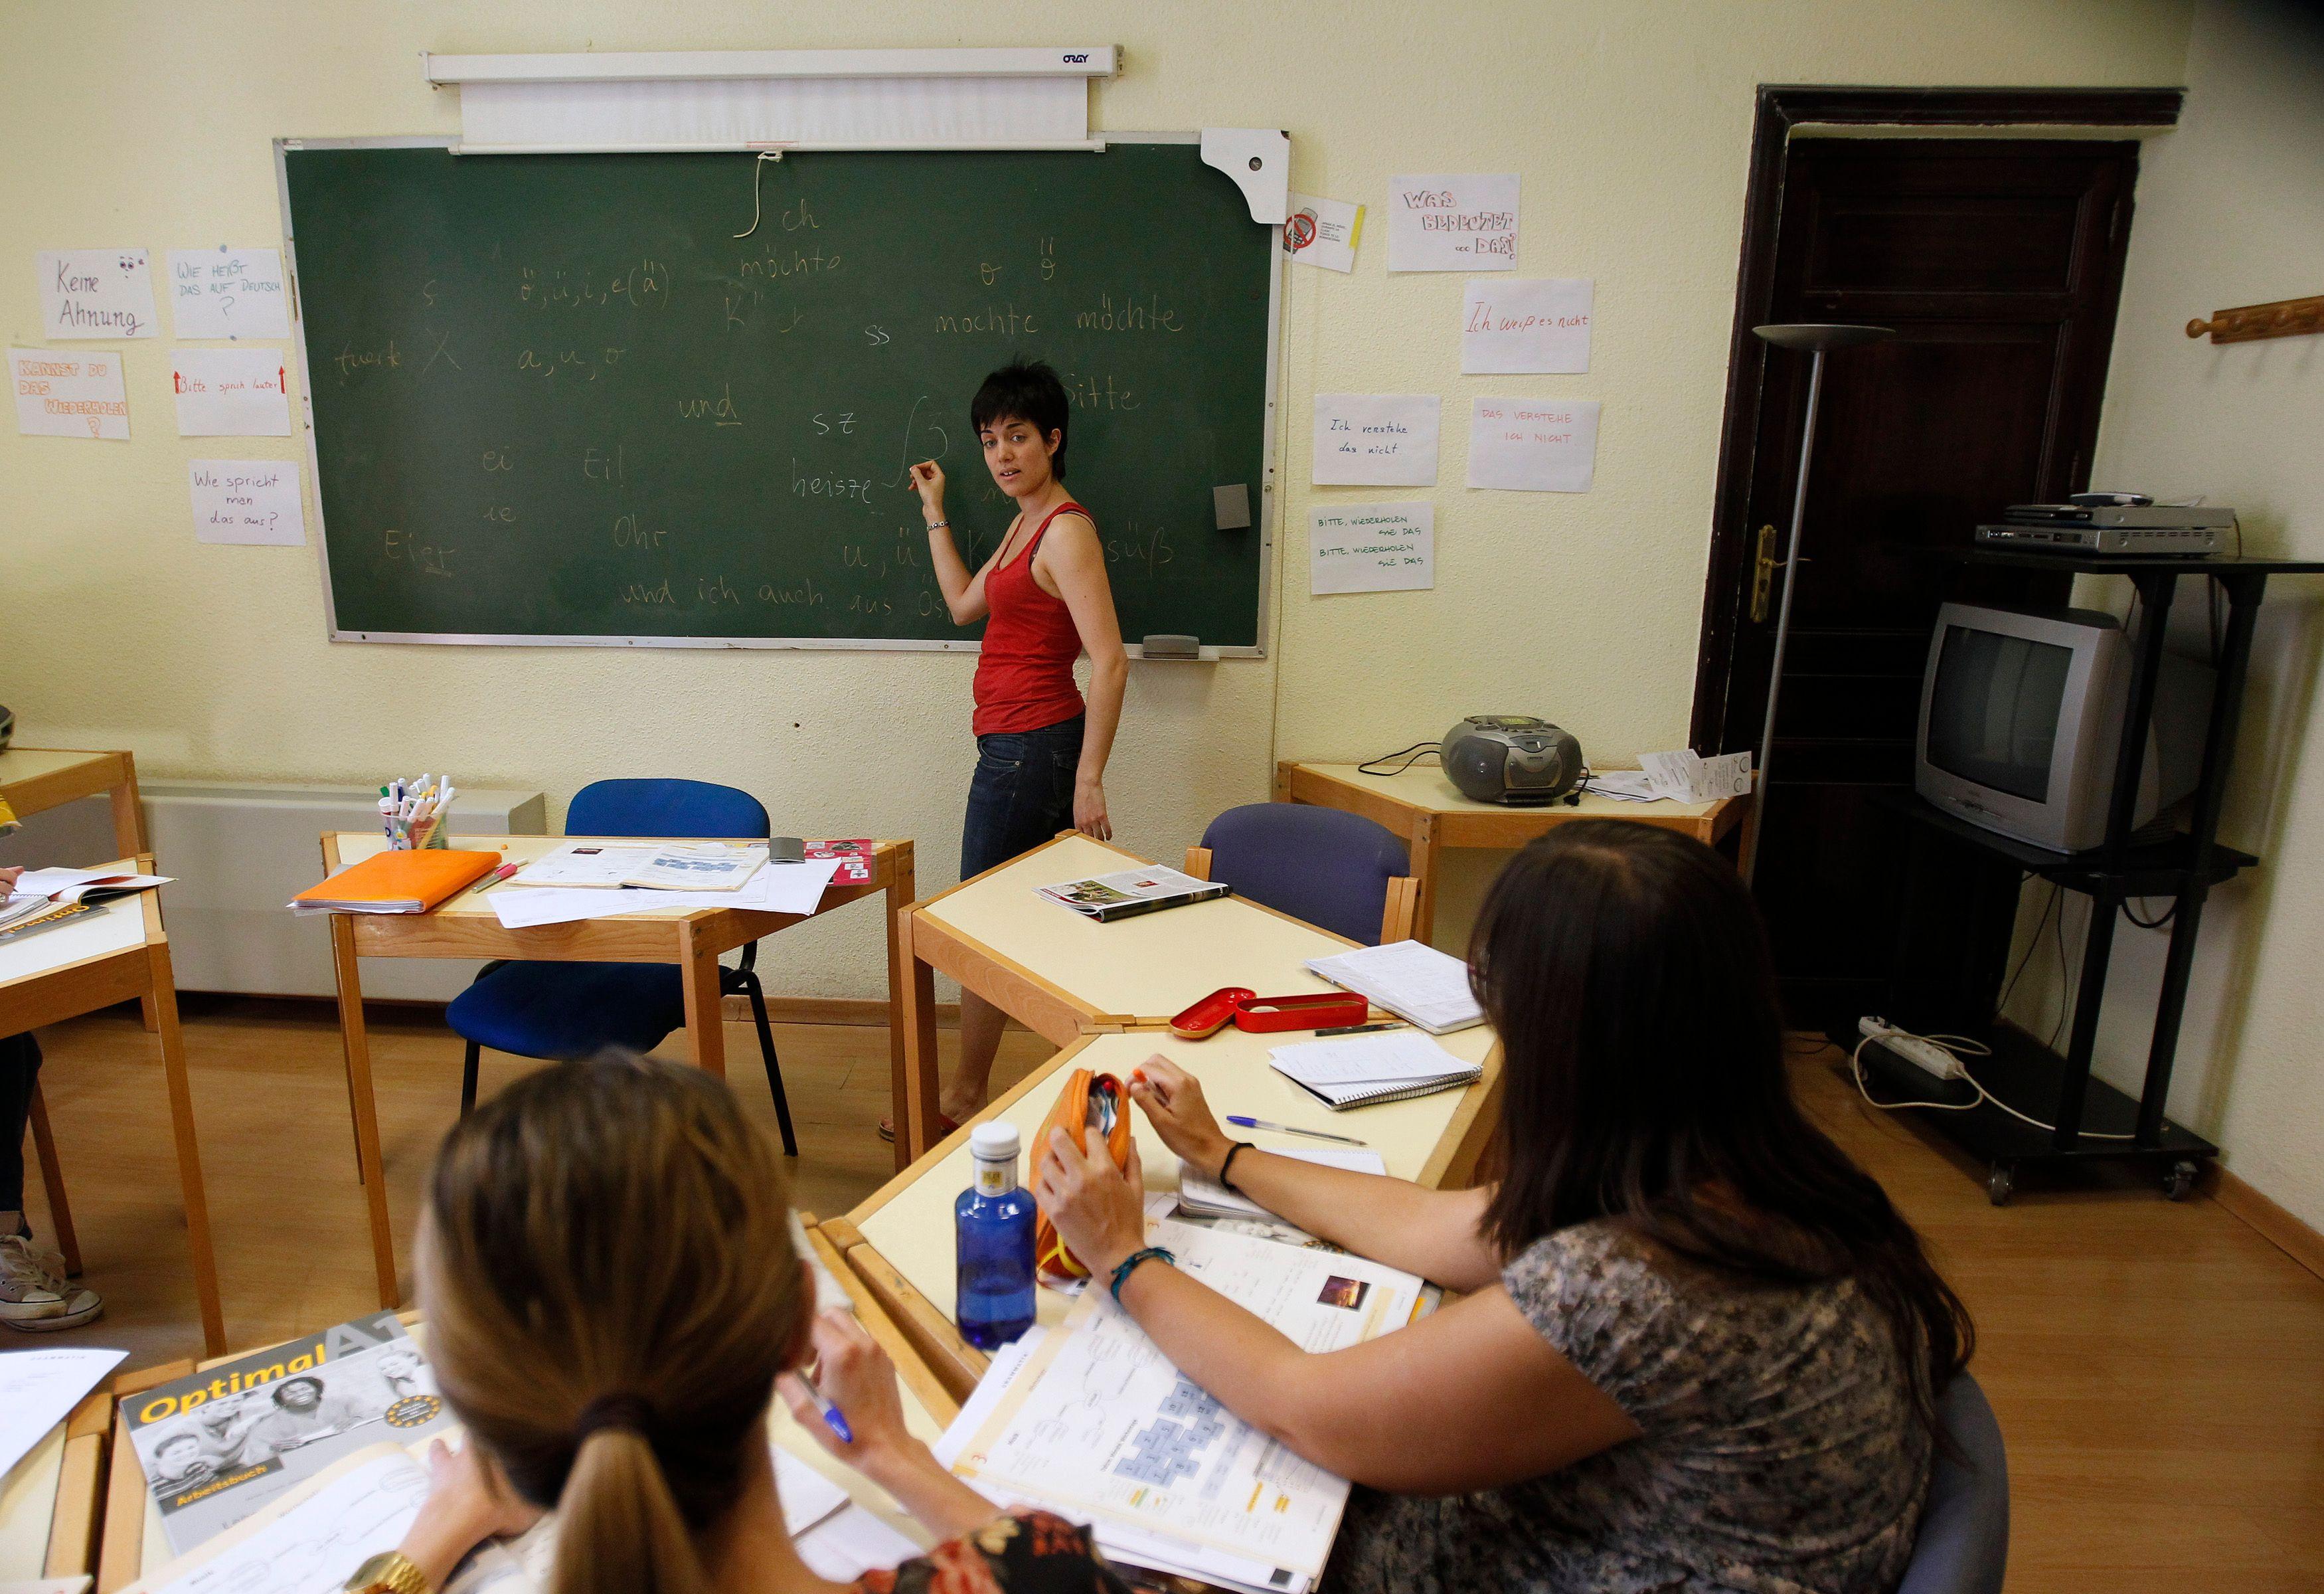 L'enseignante était en charge d'une classe d'enfants âgés de trois ans et demi